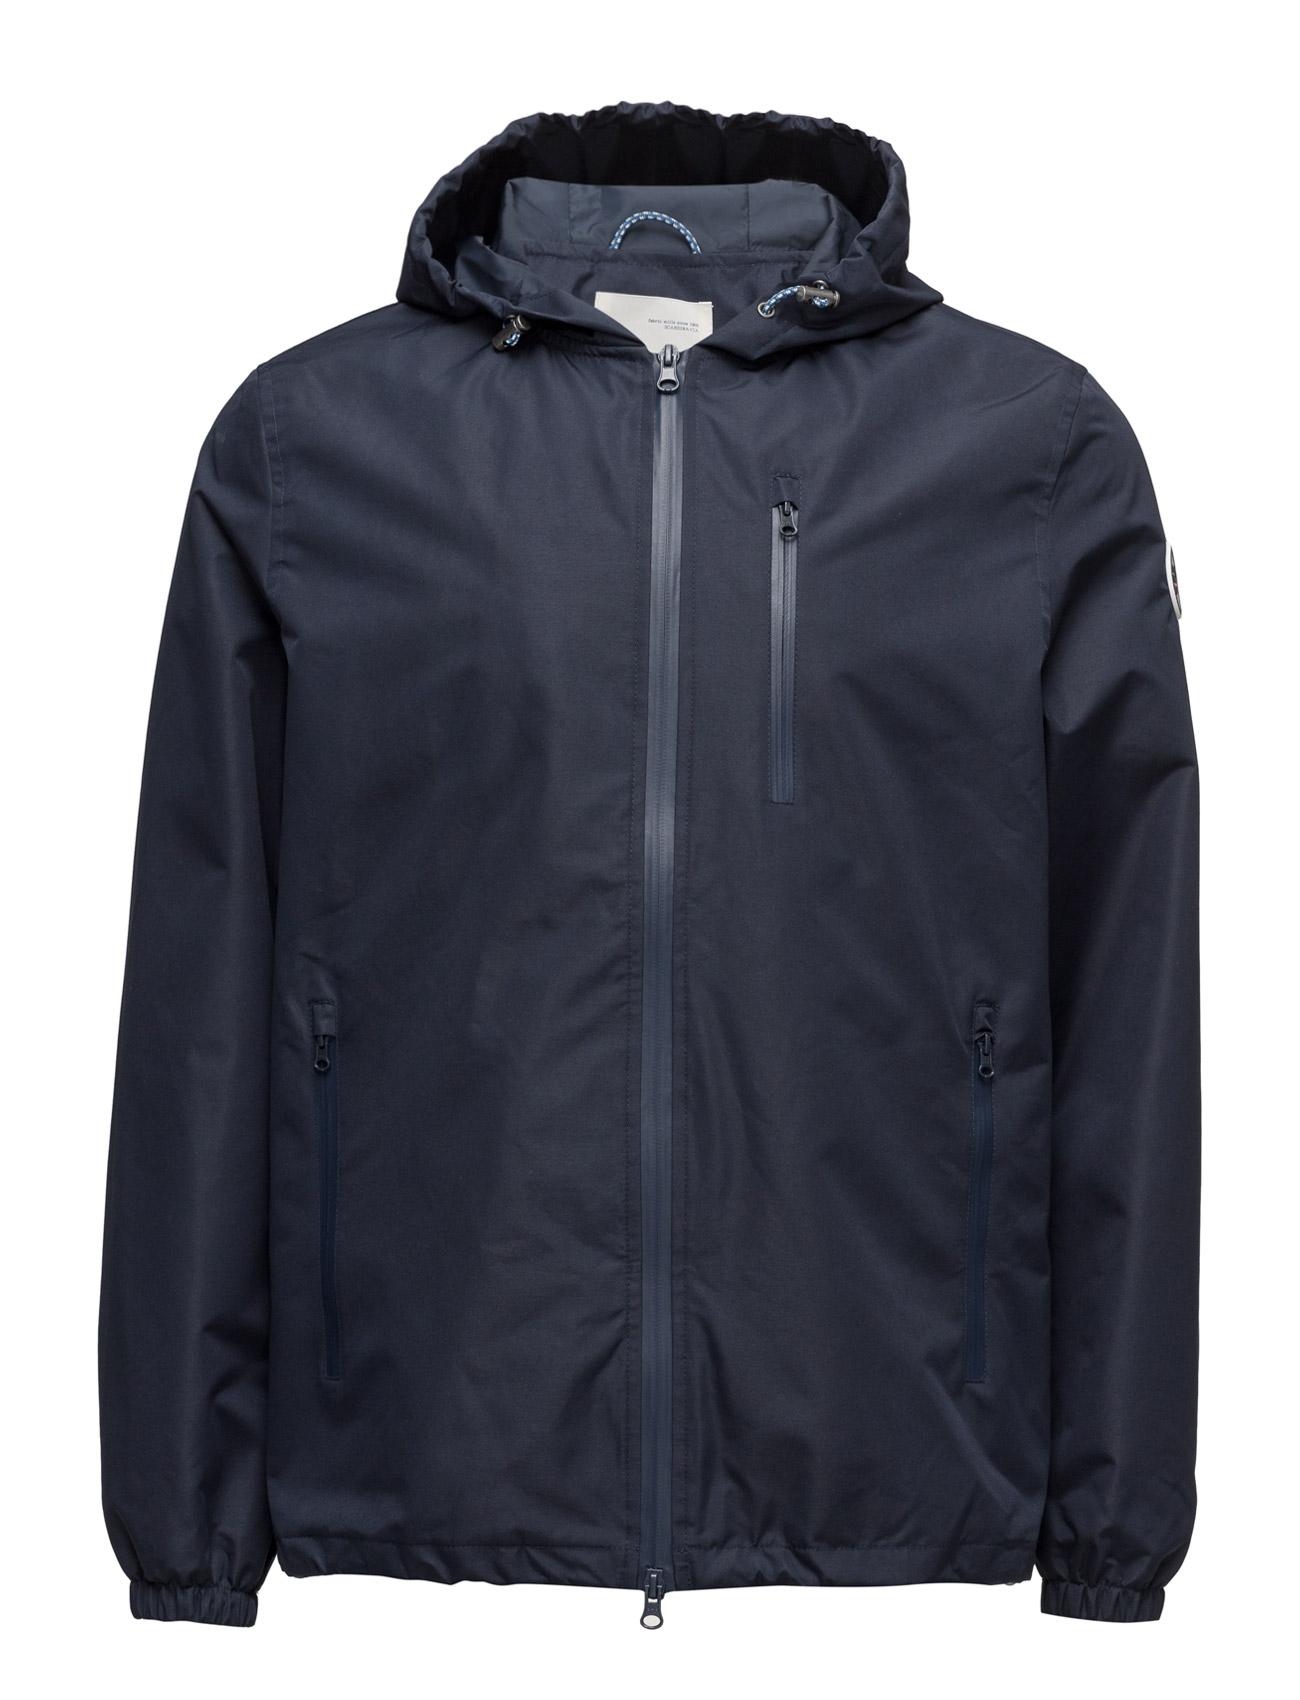 Functional Hood Jacket - Grs Knowledge Cotton Apparel Jakker til Herrer i Total Eclipse